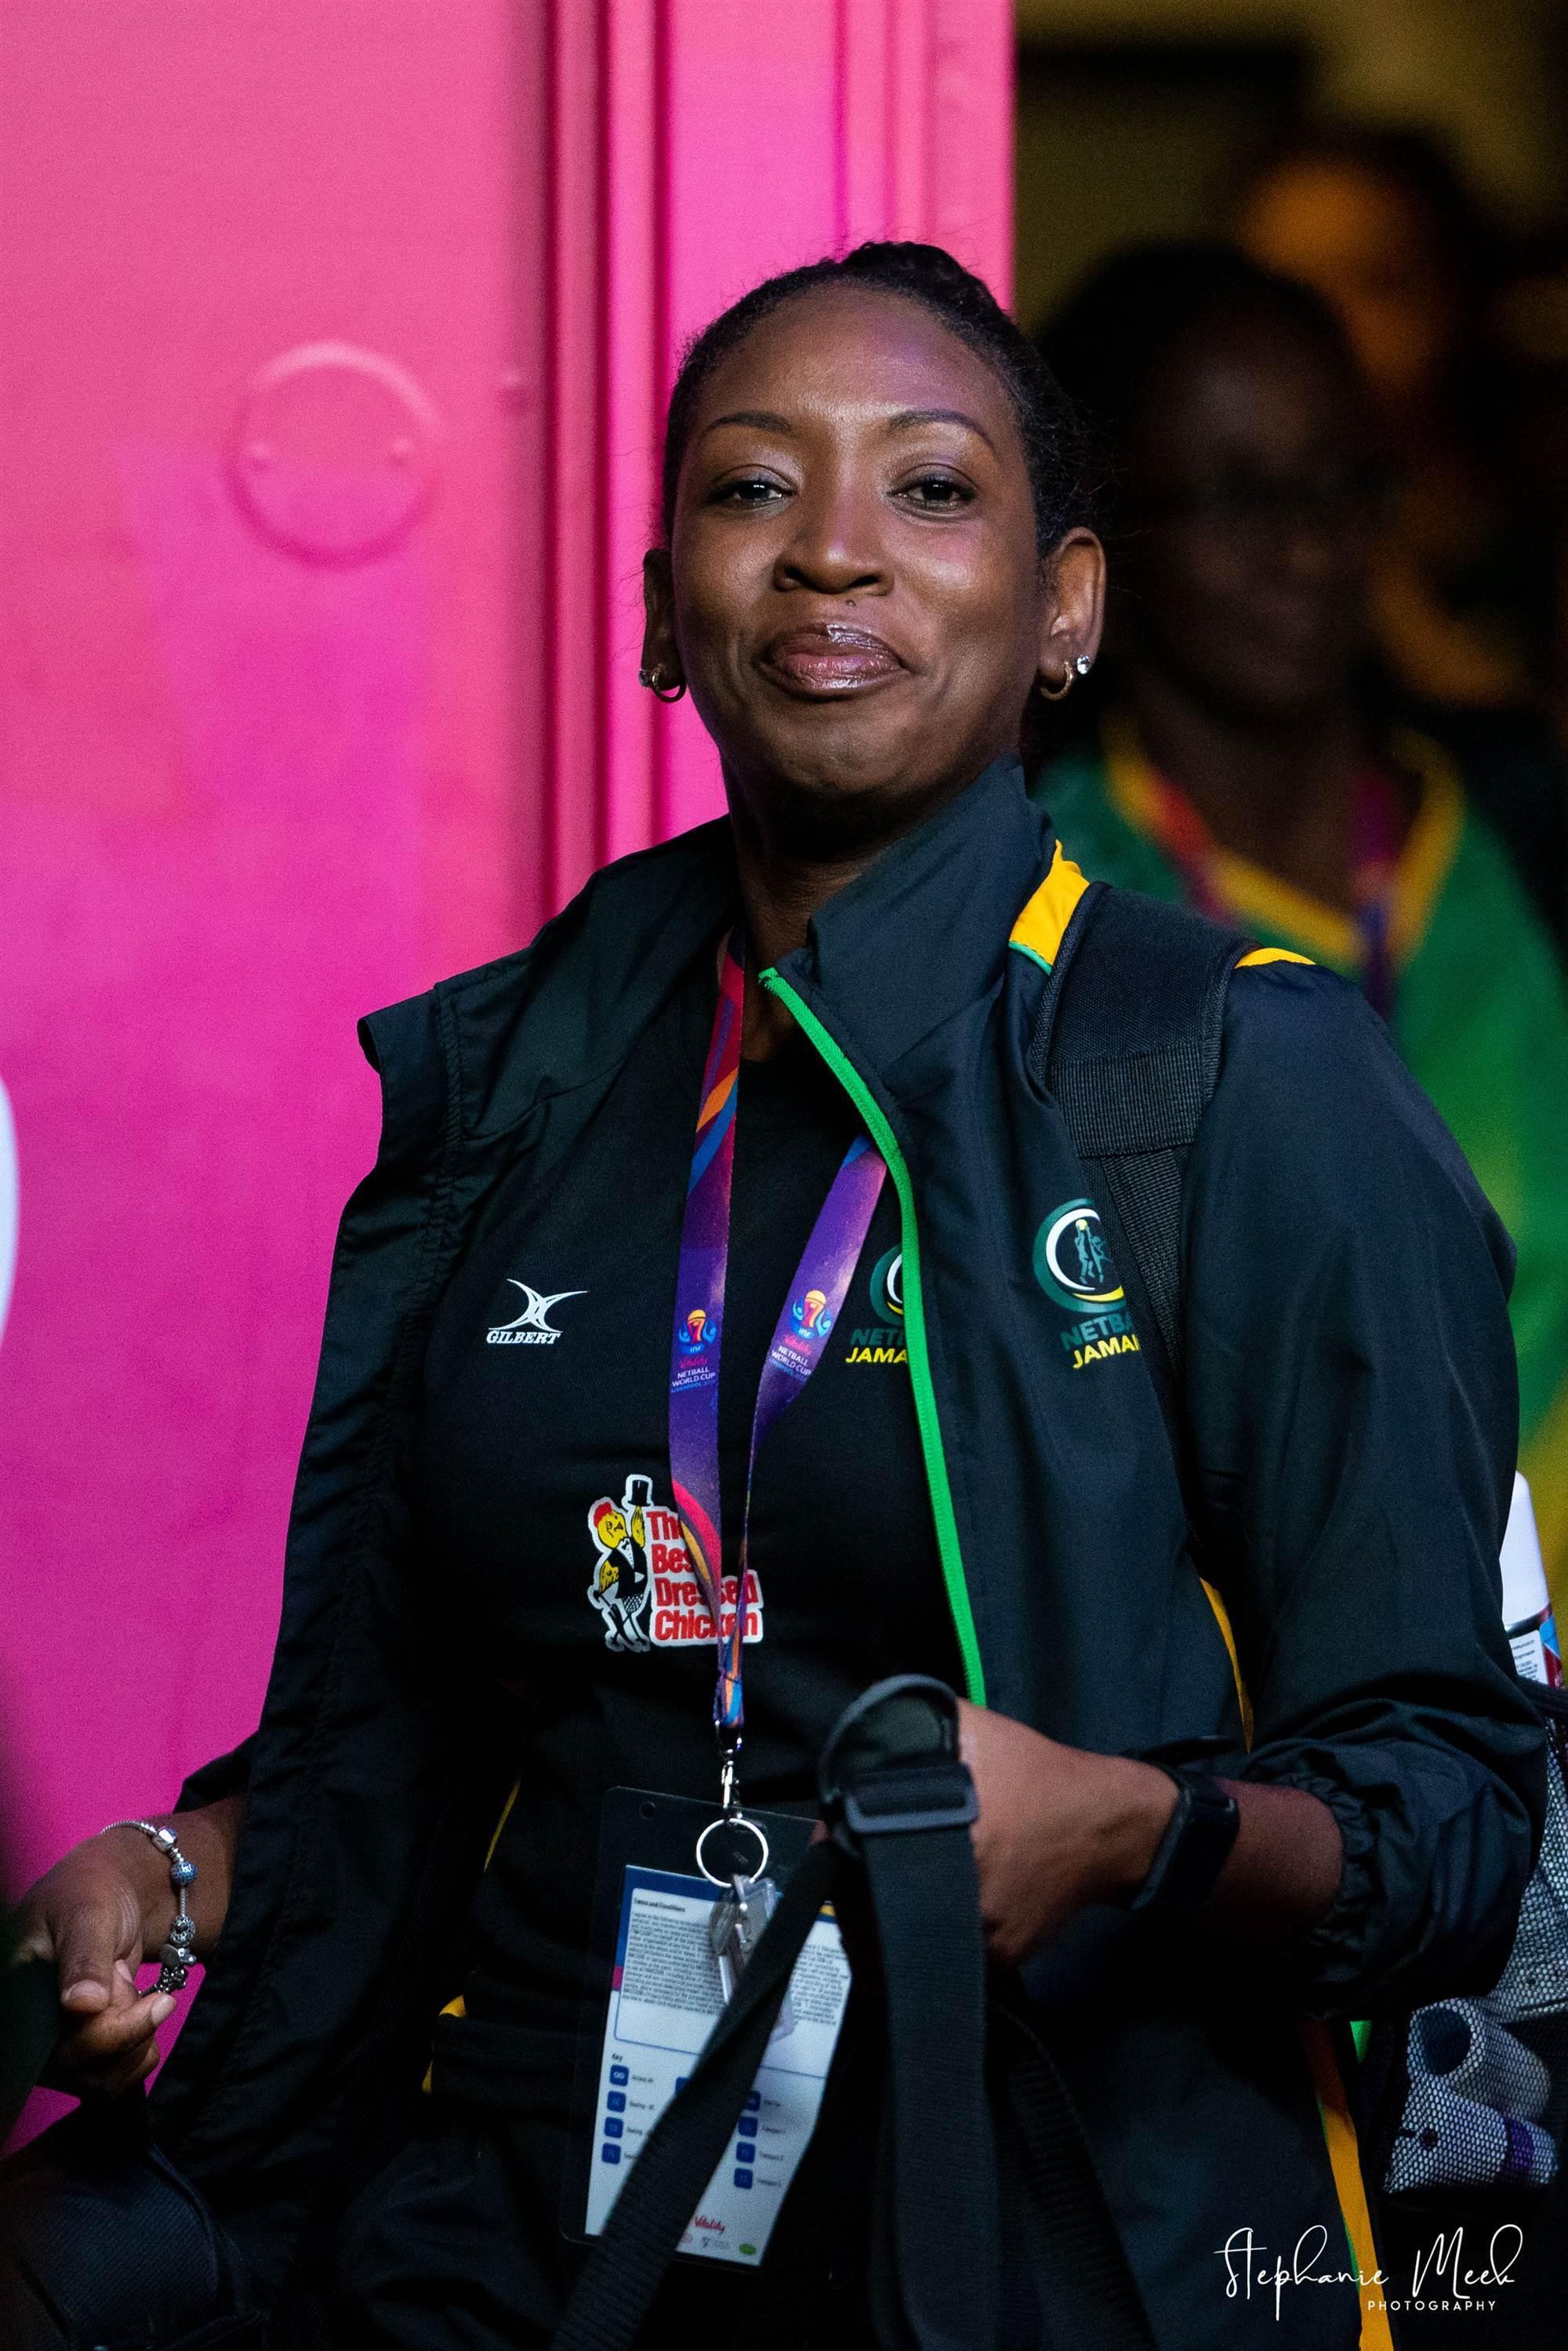 NWC Pic Special: South Africa v Jamaica